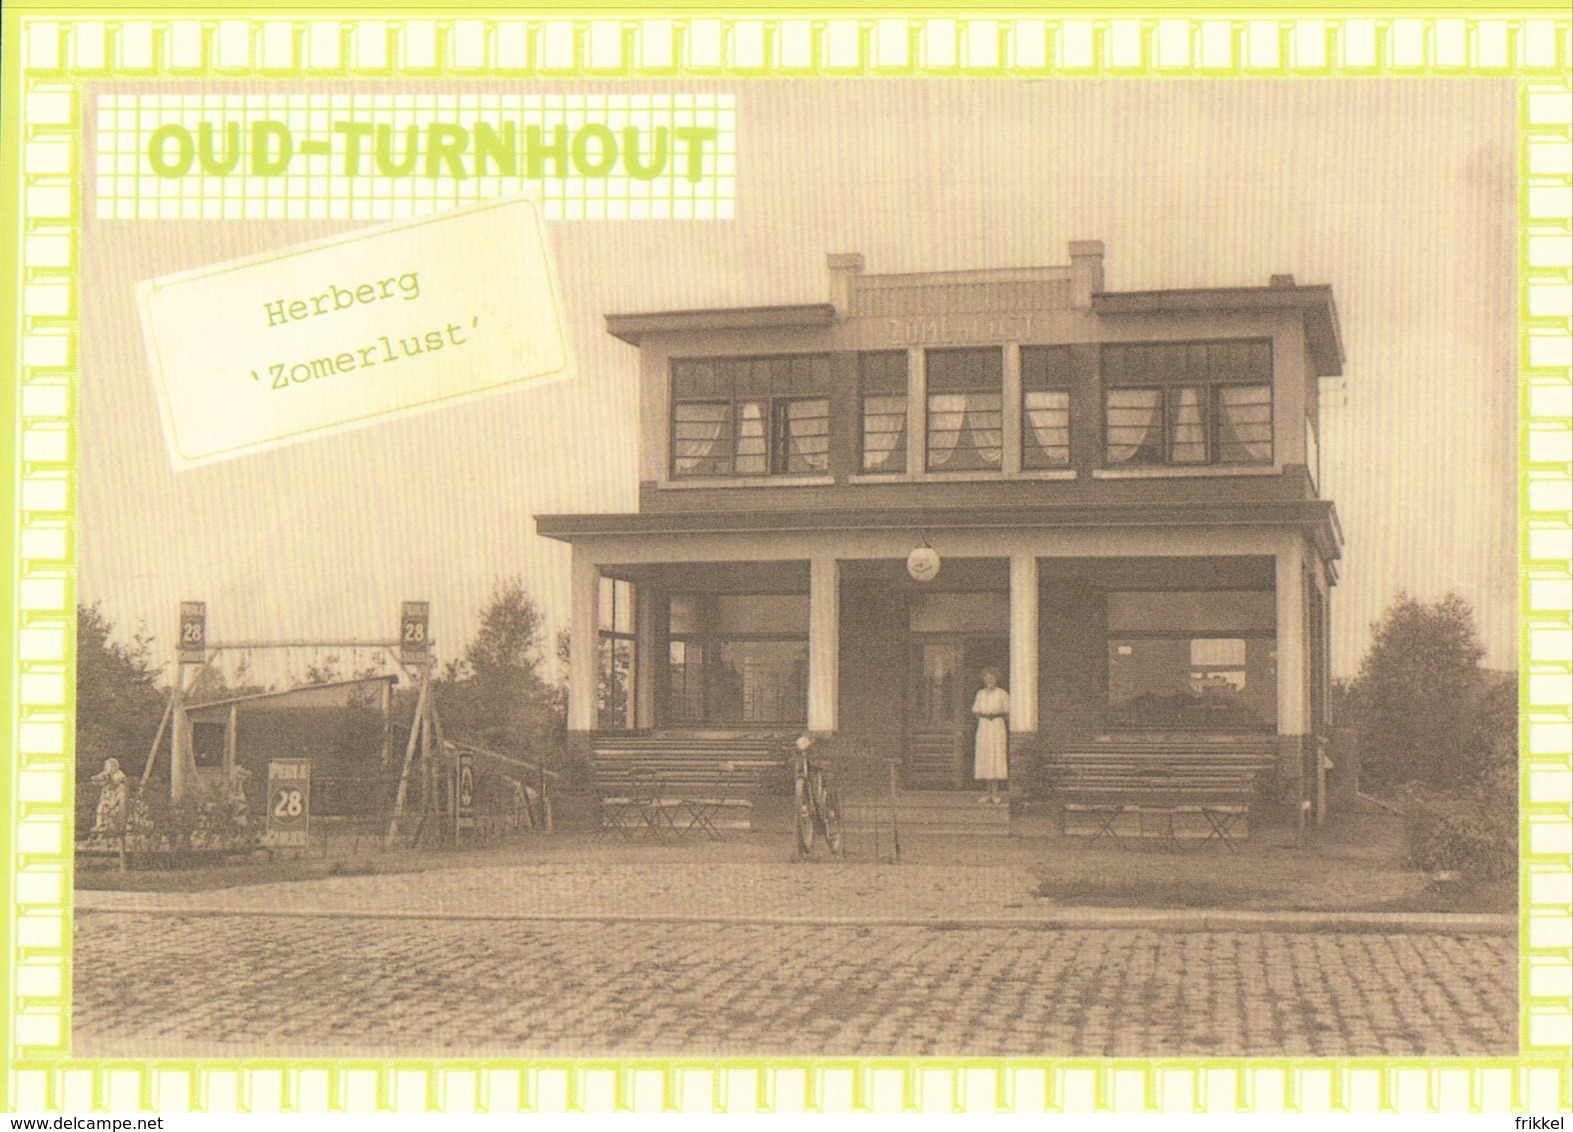 Oud-Turnhout Herberg Zomerlust - Oud-Turnhout